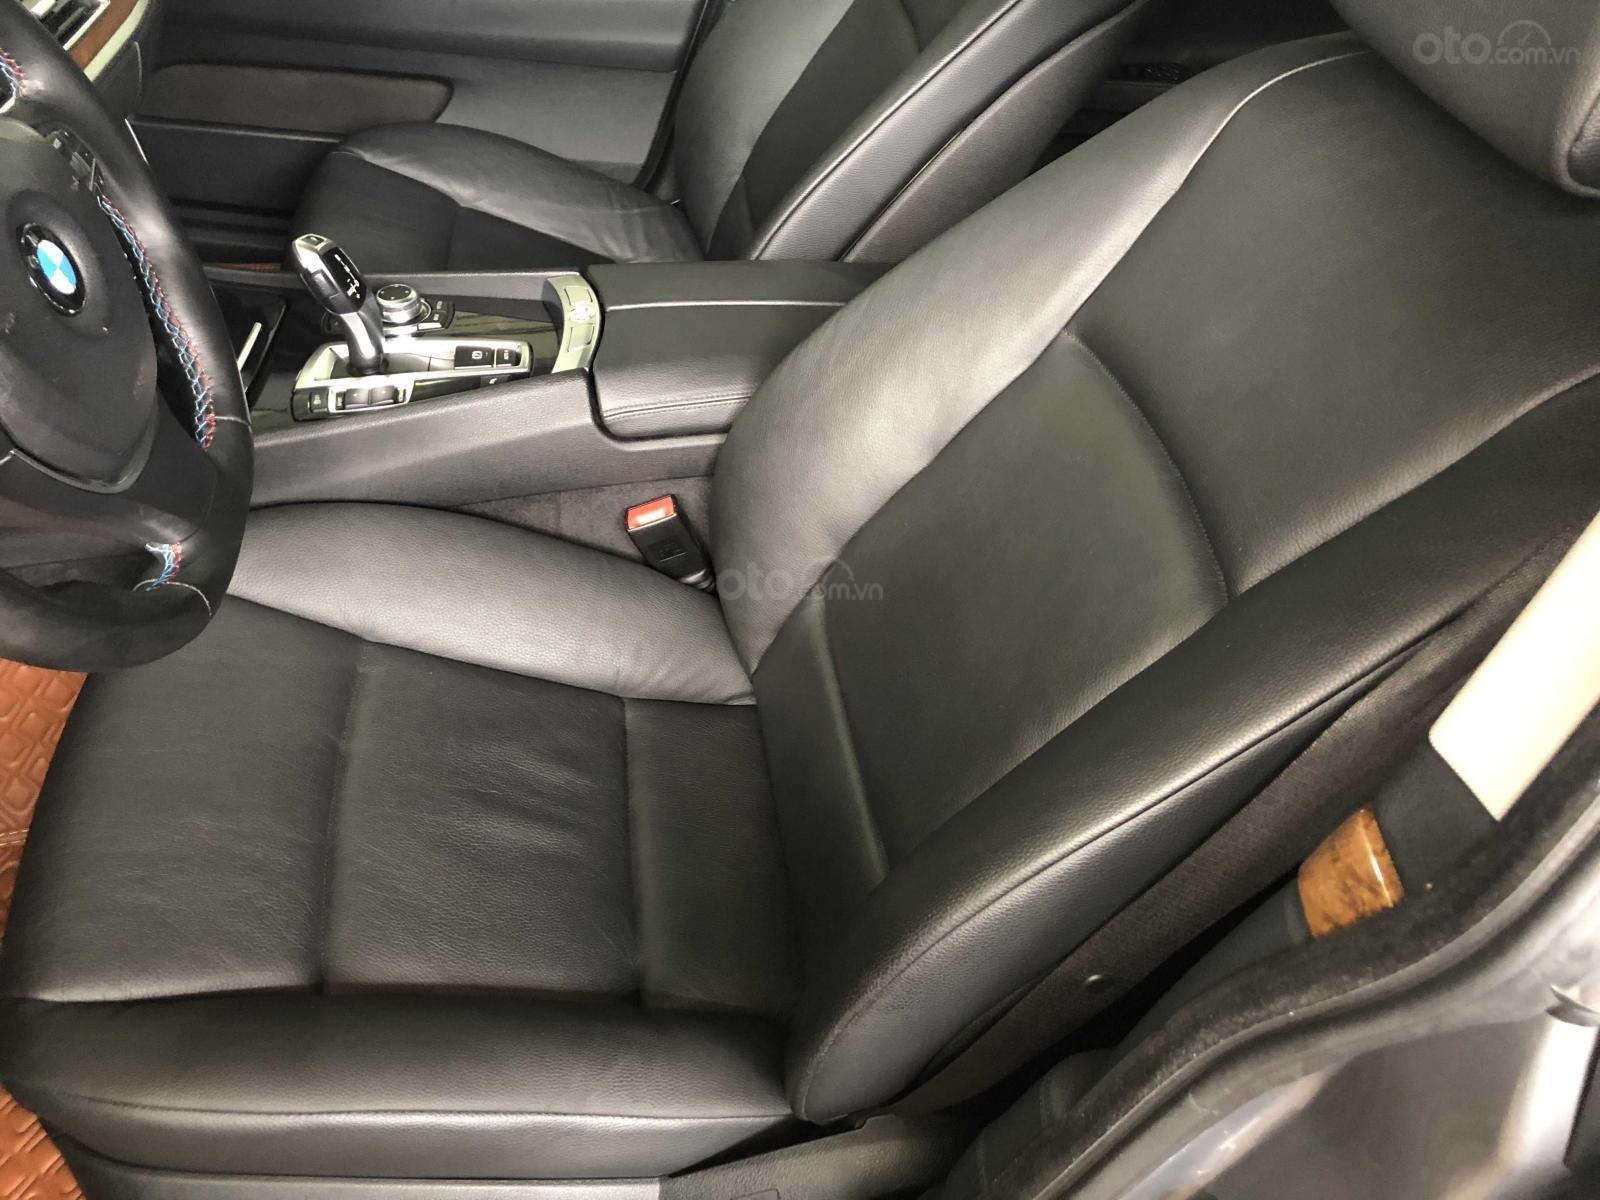 Cần bán BMW 535i GT SX 2010 siu mới (8)